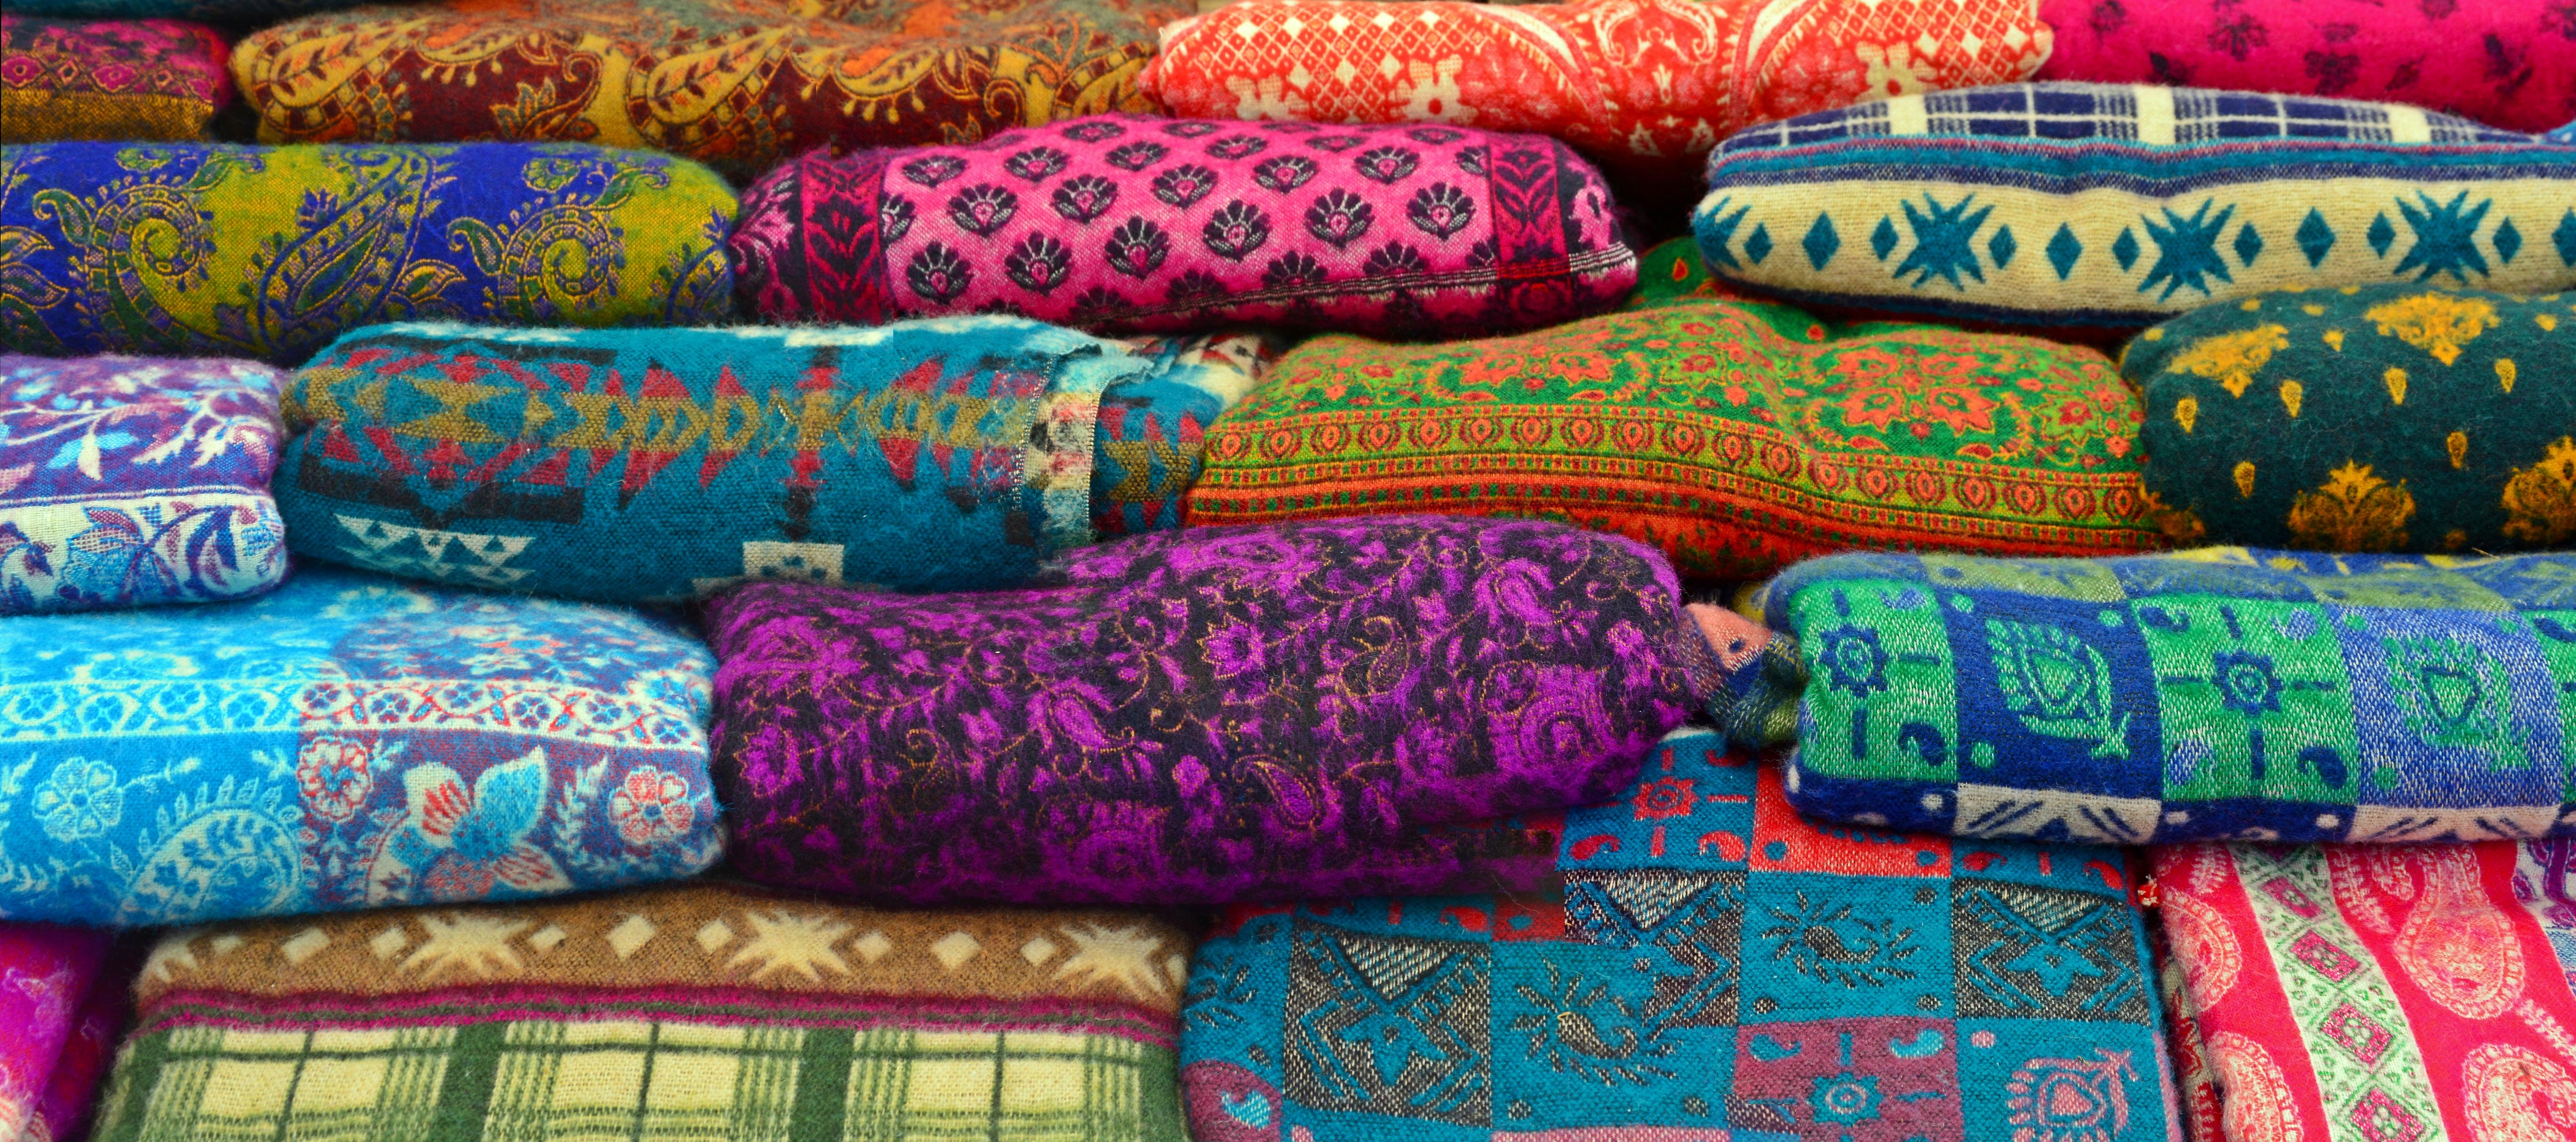 Fotos gratis : patrón, color, vistoso, paño, lana, material, tela ...